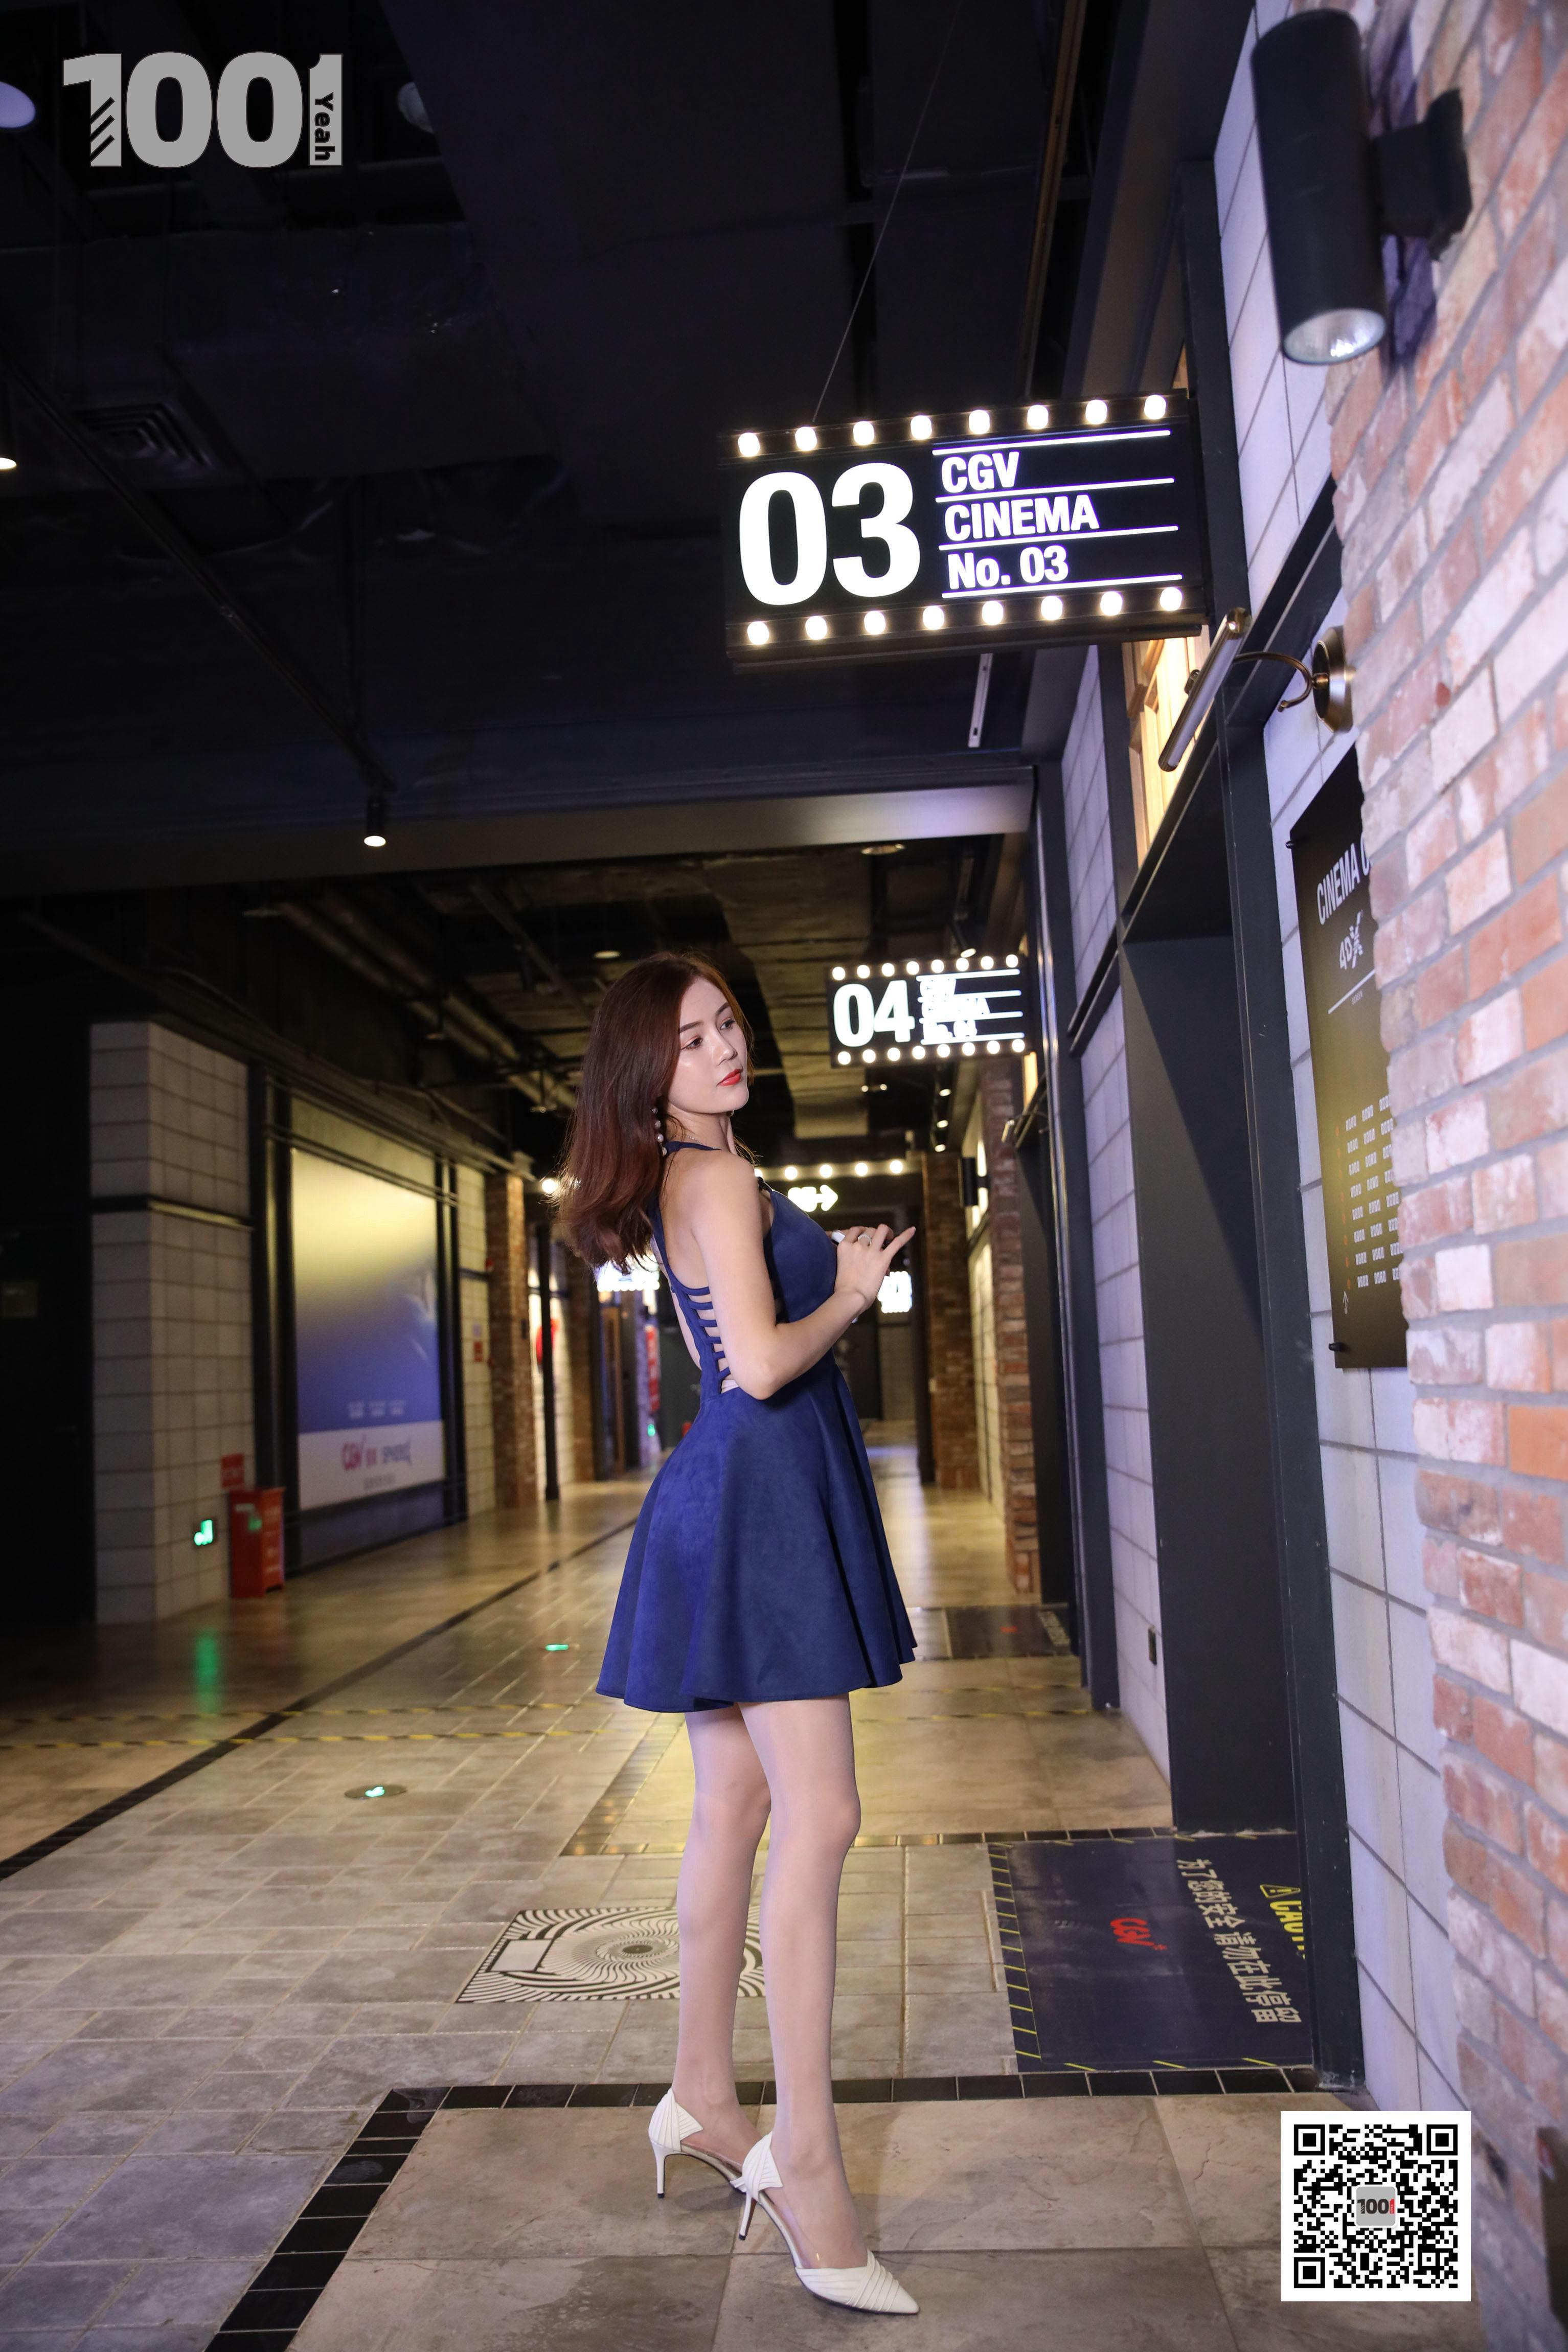 1001夜丝事 模特:Lucy 电影院2 (邀请你一起看电影,求带)